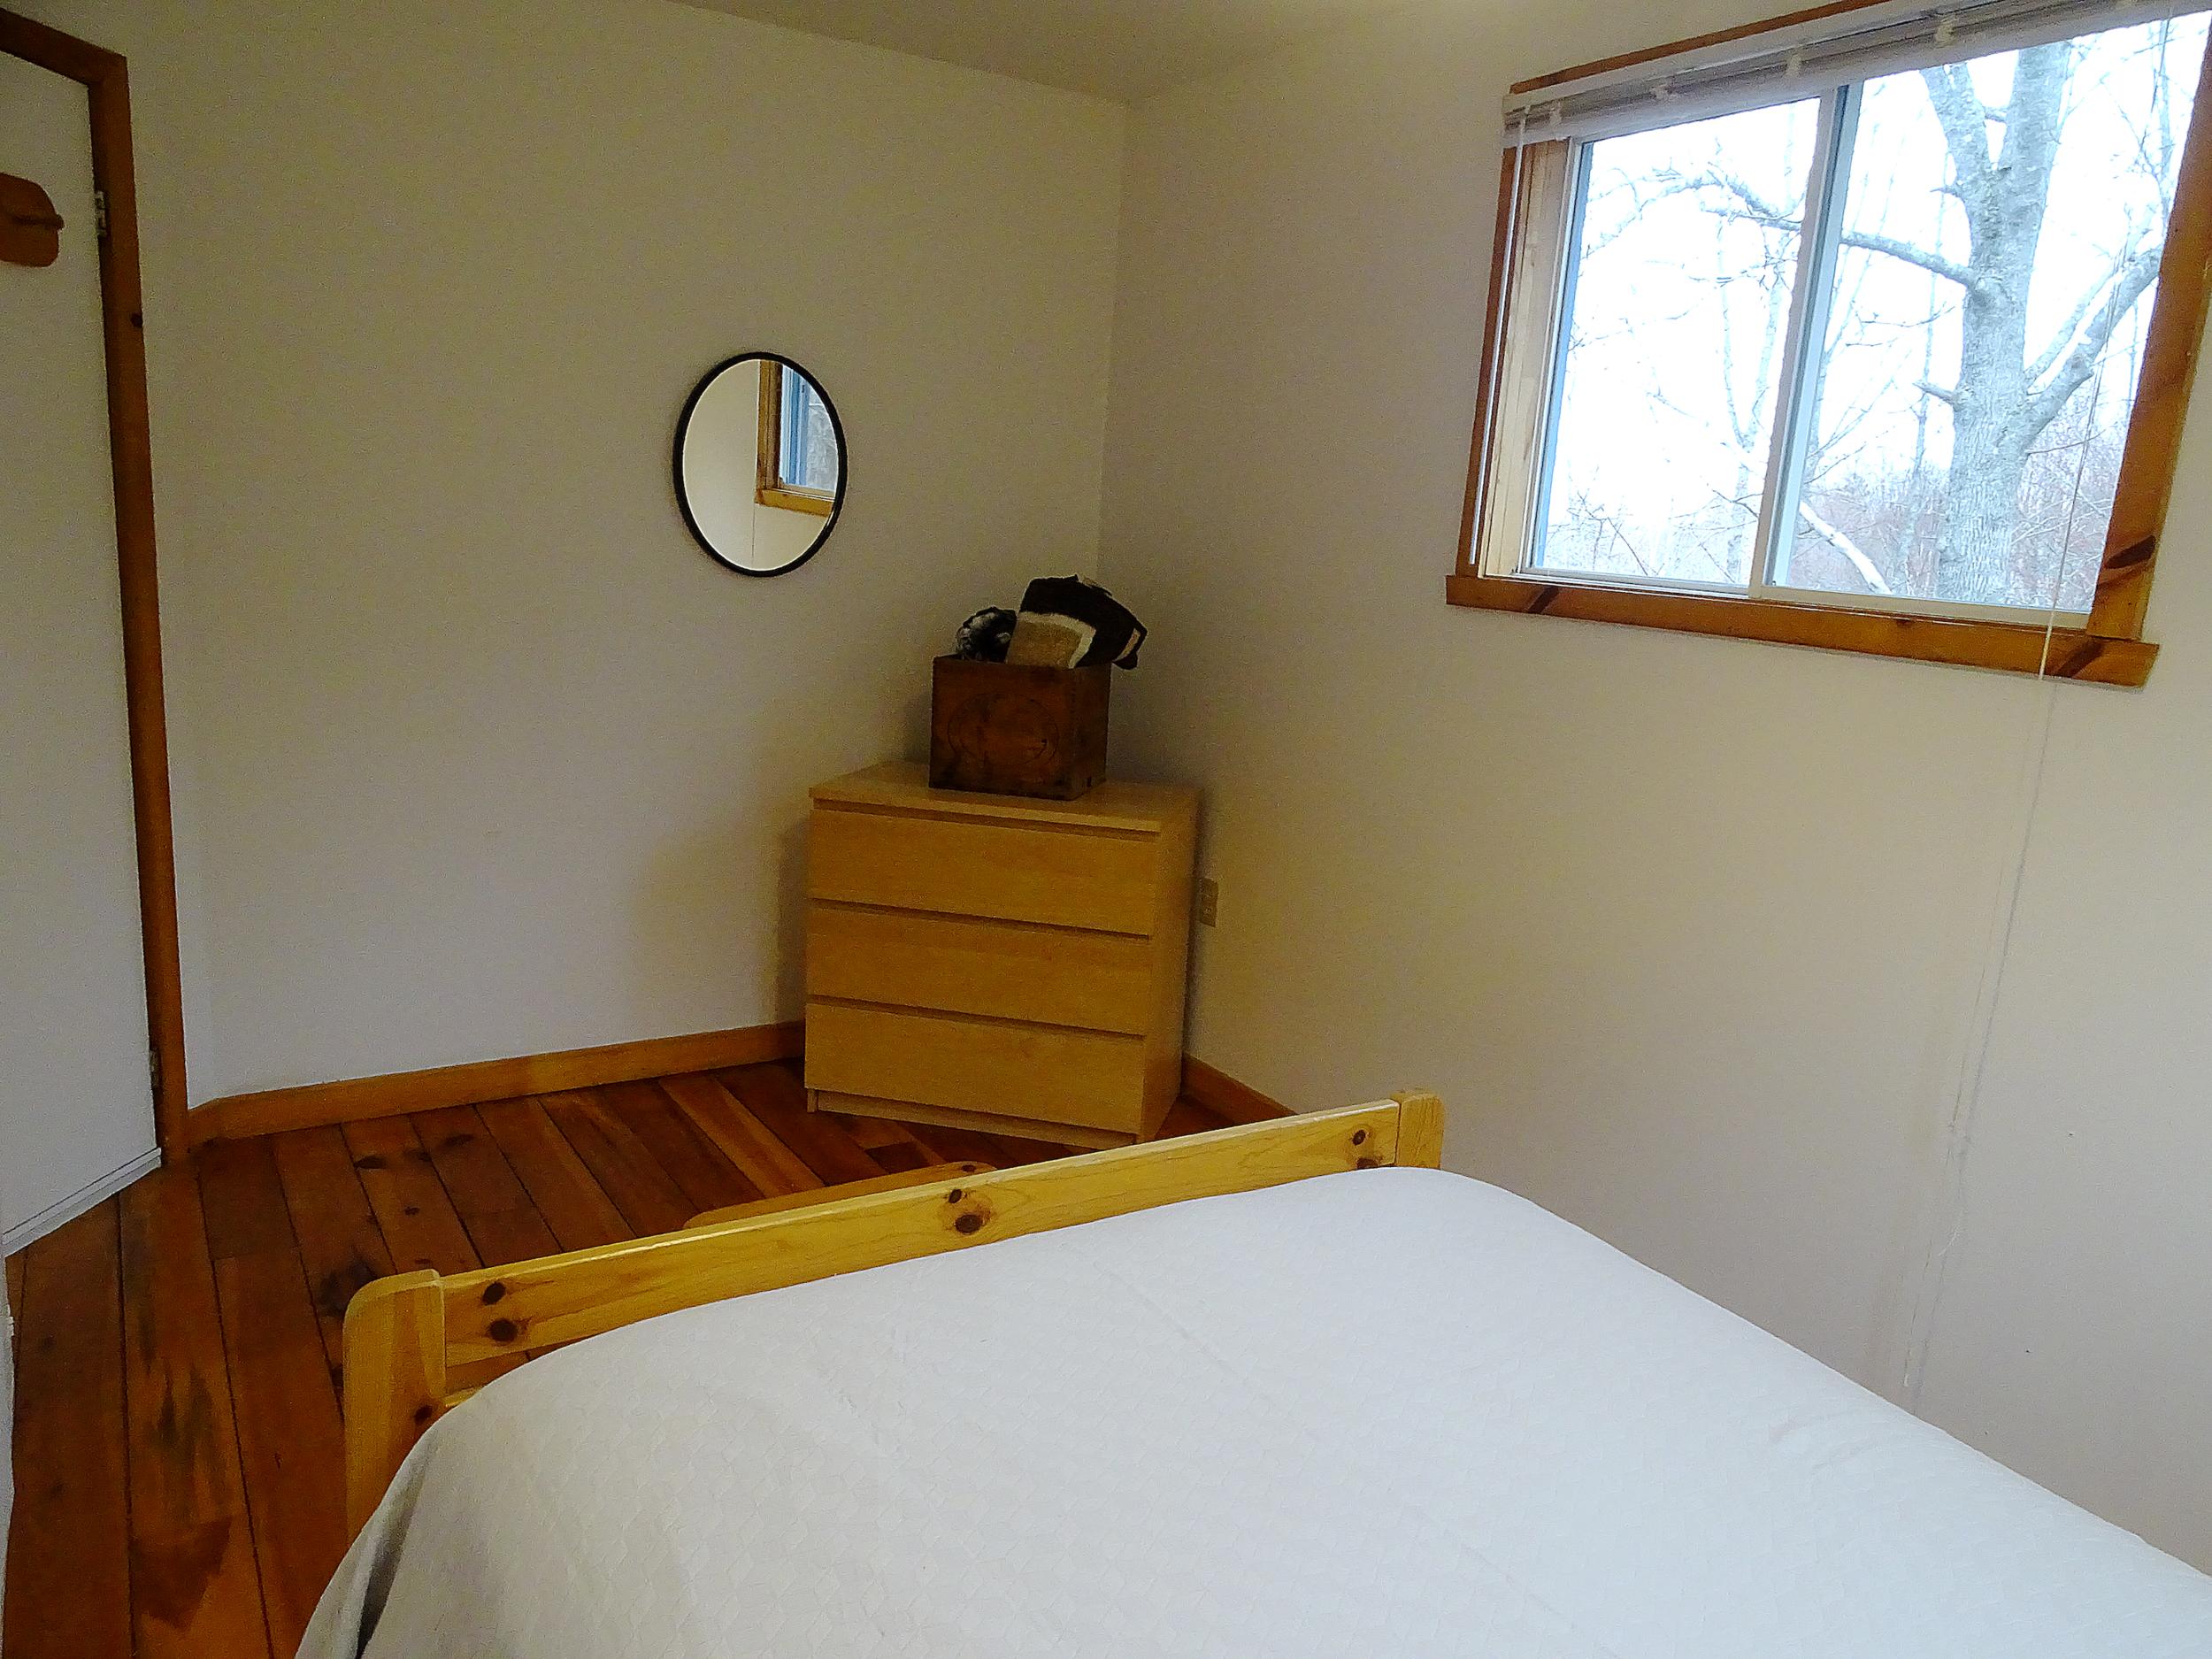 boathouse bedroom 2 dresser smaller.png